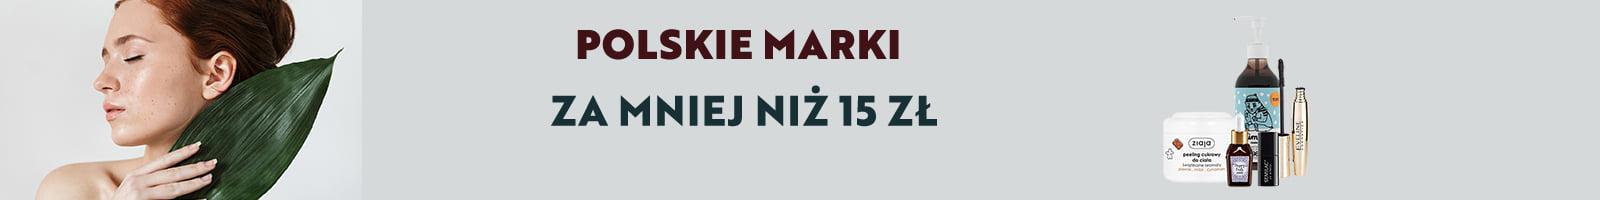 kosmetyki polskich marek do 15 zł